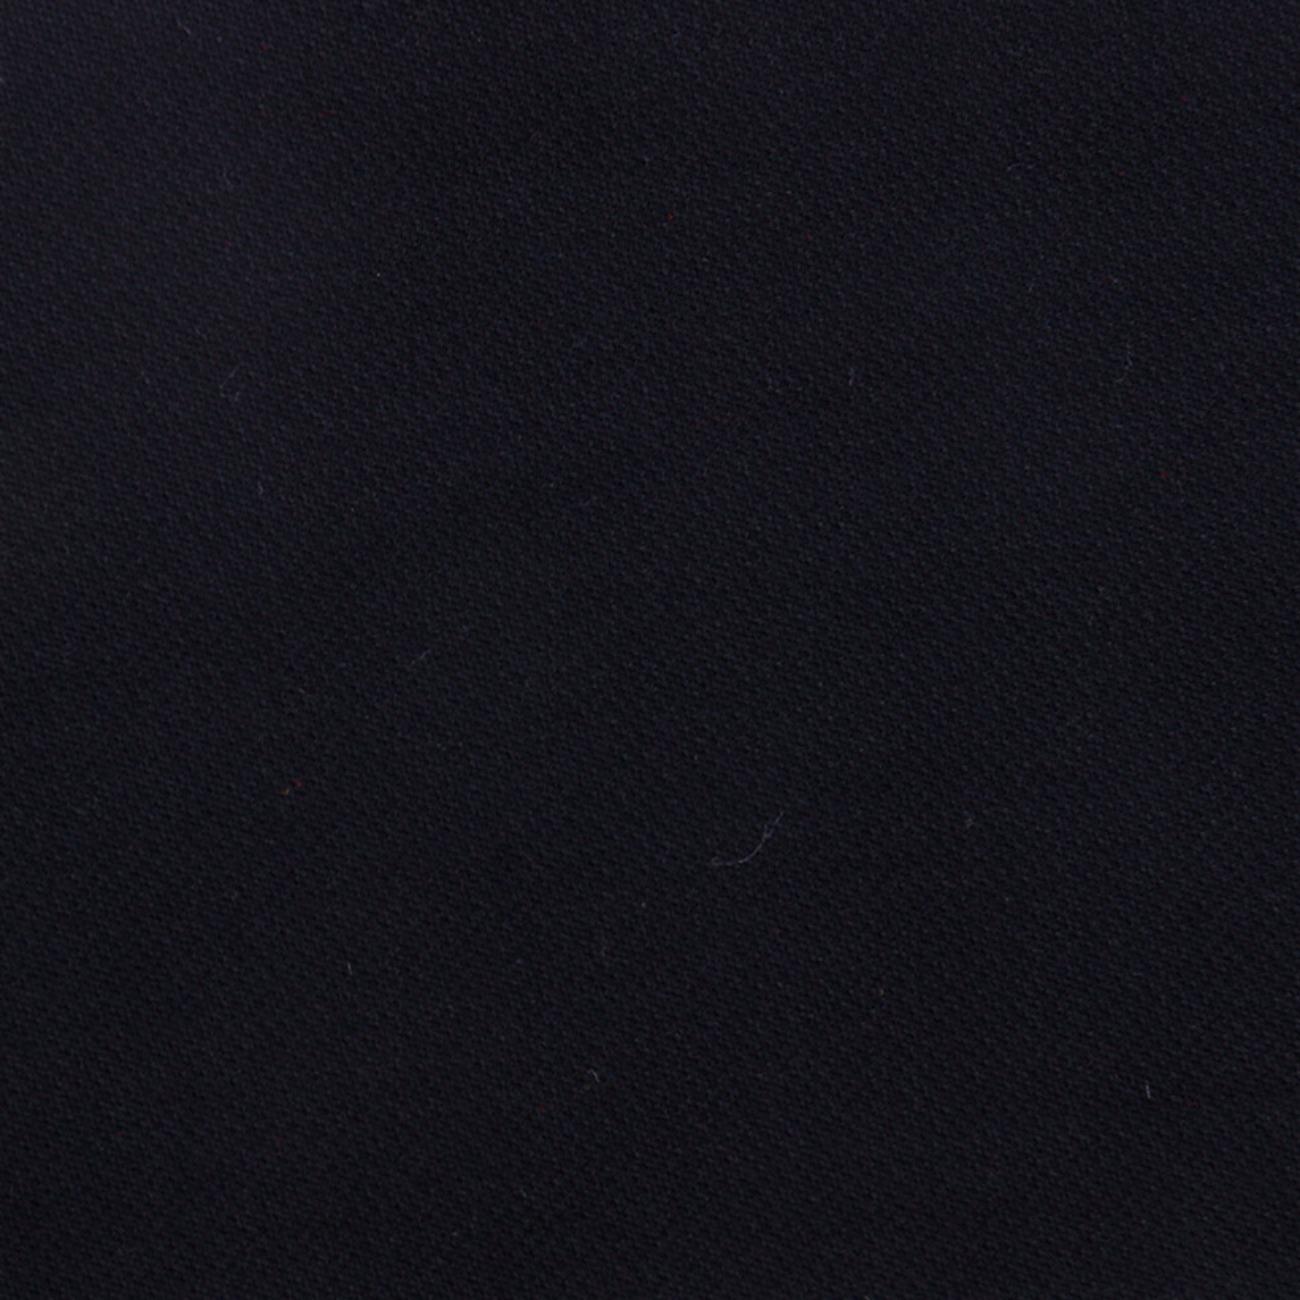 毛纺 素色 羊毛 染色 薄 精仿 西装 职业装 春秋 女装 男装 71122-21